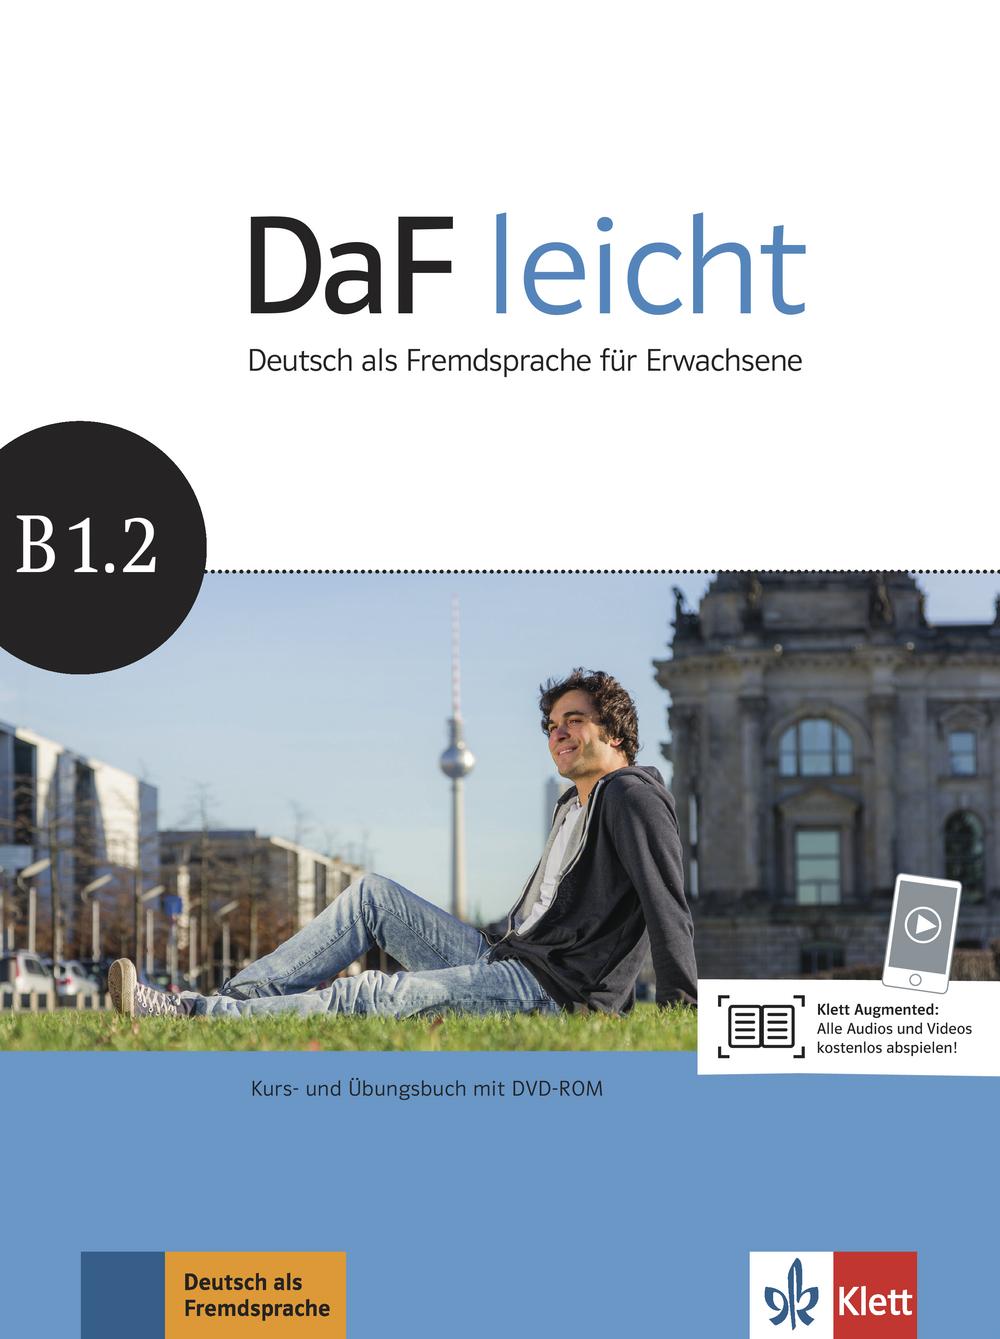 DaF leicht B1.2